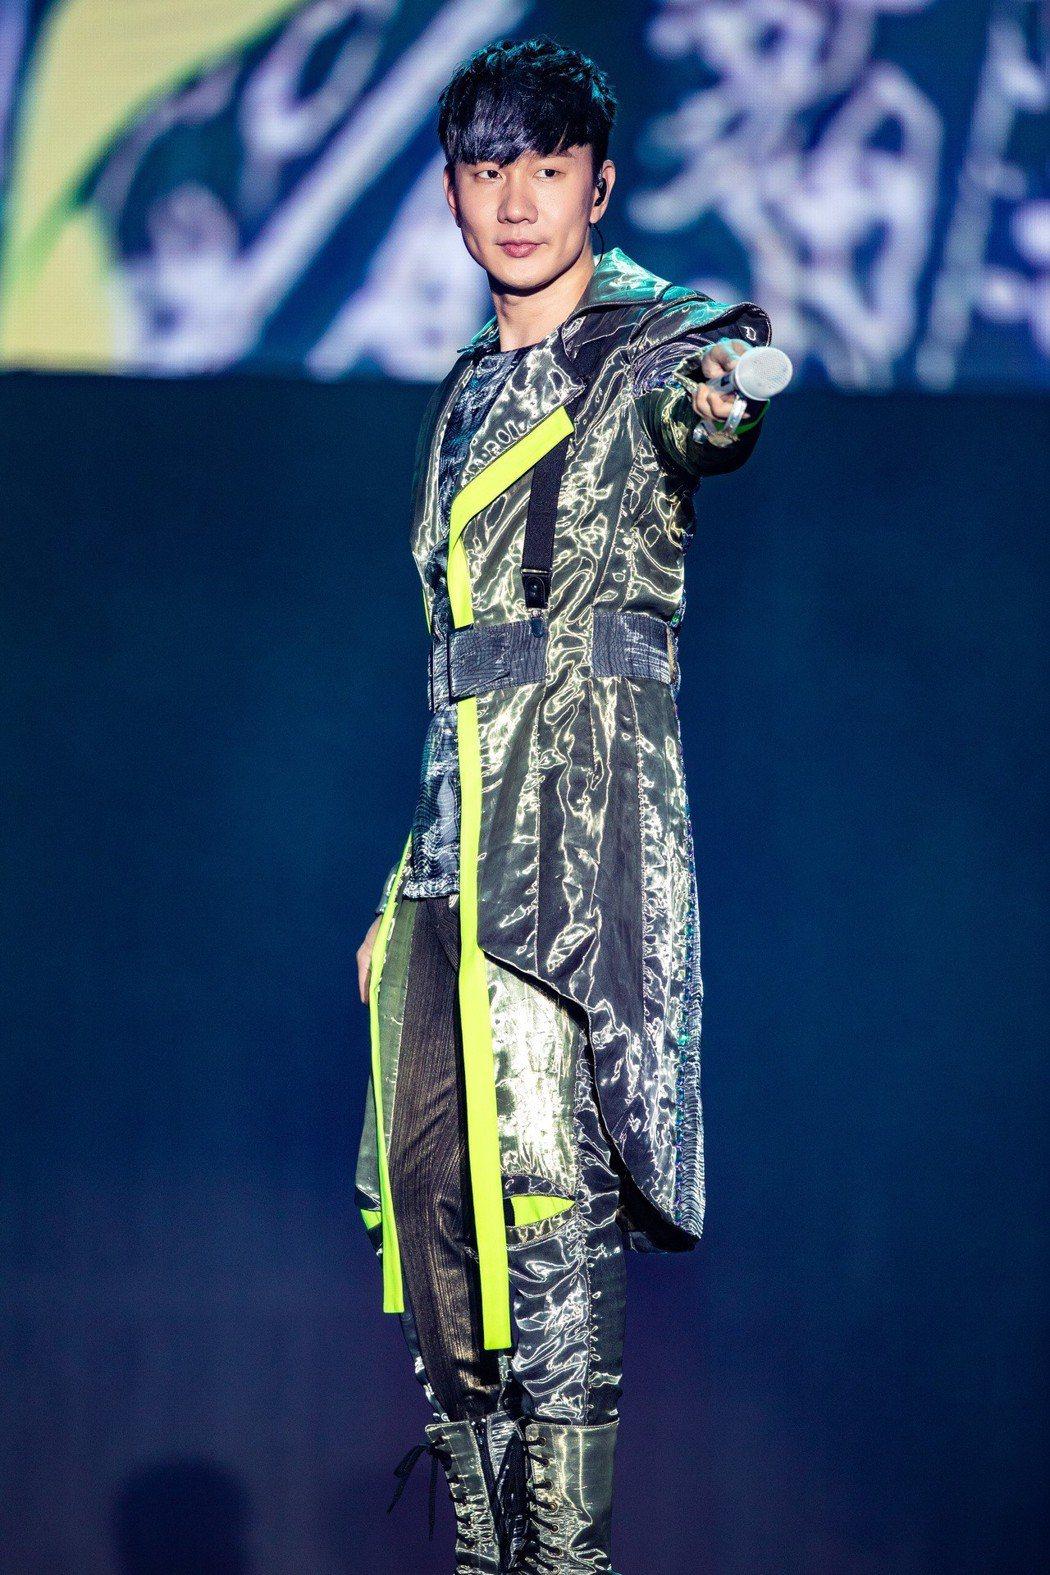 林俊傑「聖所2.0」世界巡演來到第46場。圖/JFJ Productions提供